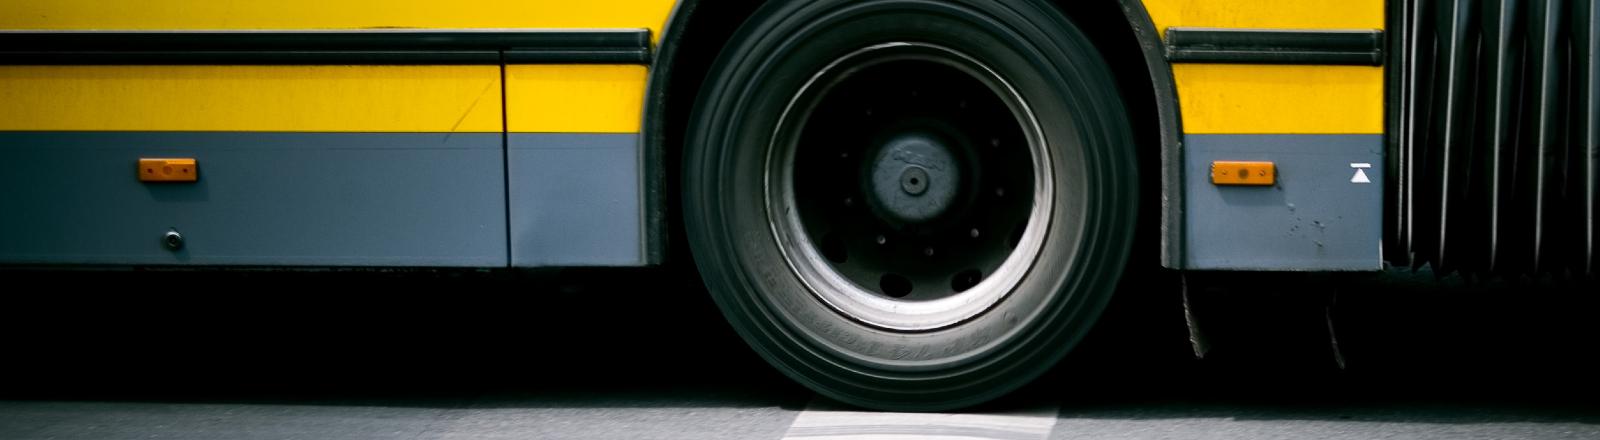 Teilansicht eines Busses auf einer Straße